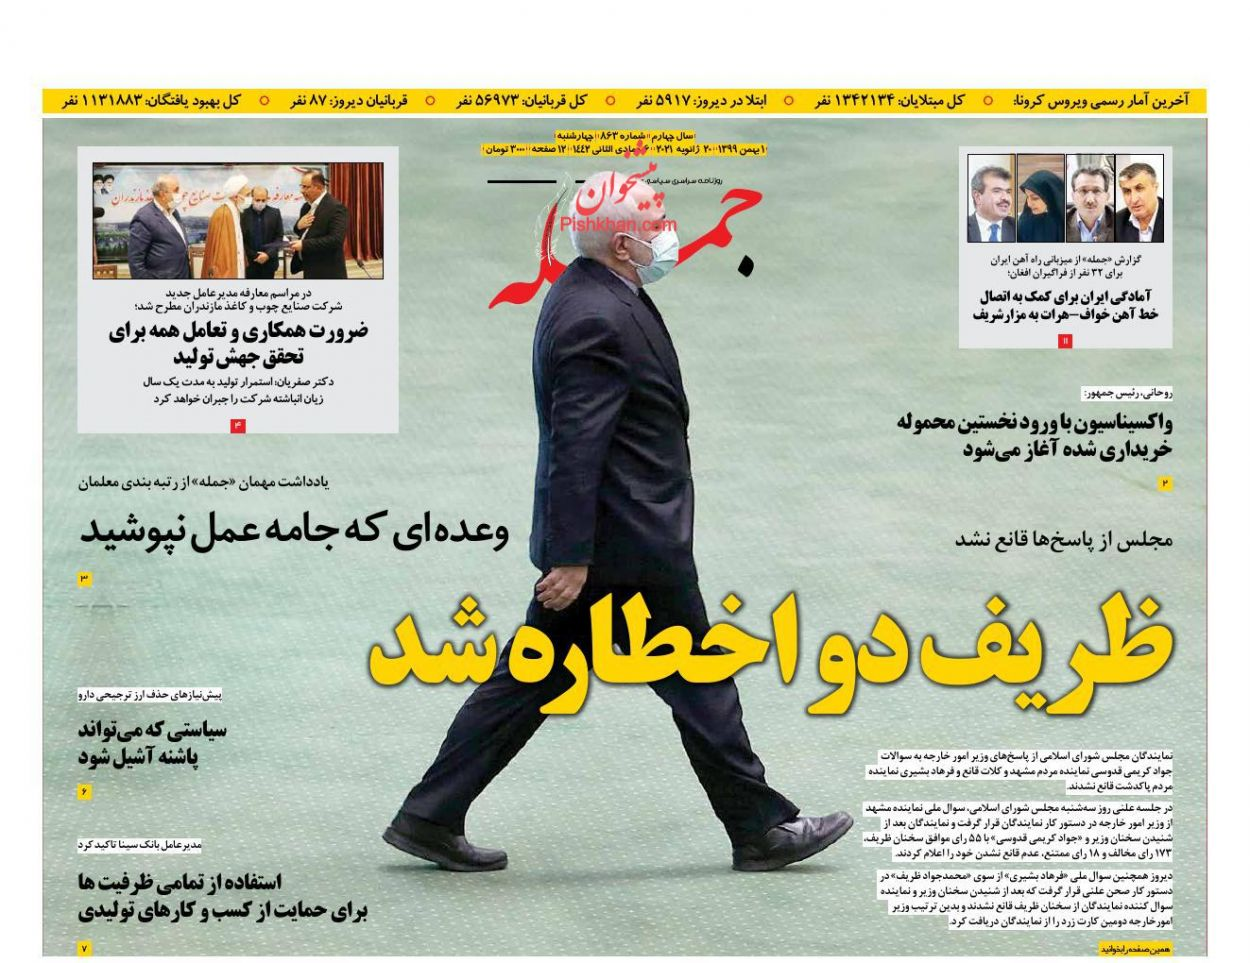 عناوین اخبار روزنامه جمله در روز چهارشنبه ۱ بهمن